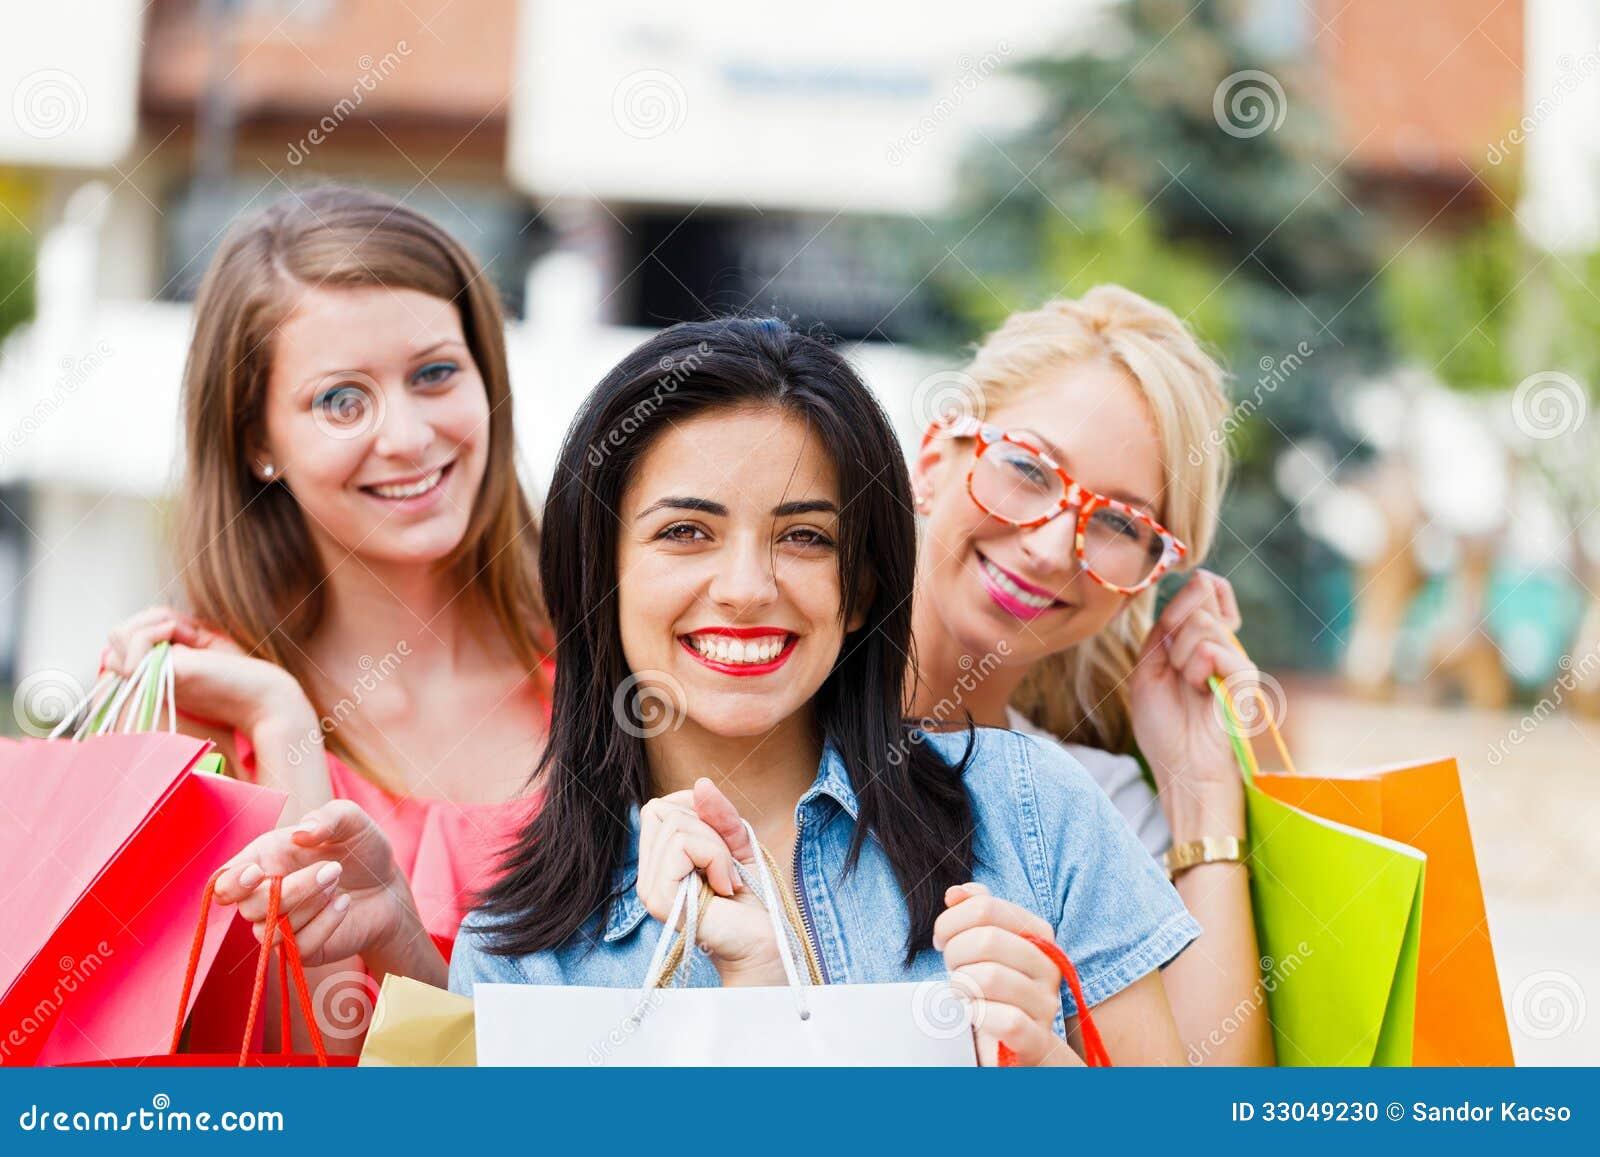 Muchacha con sus amigos después de hacer compras